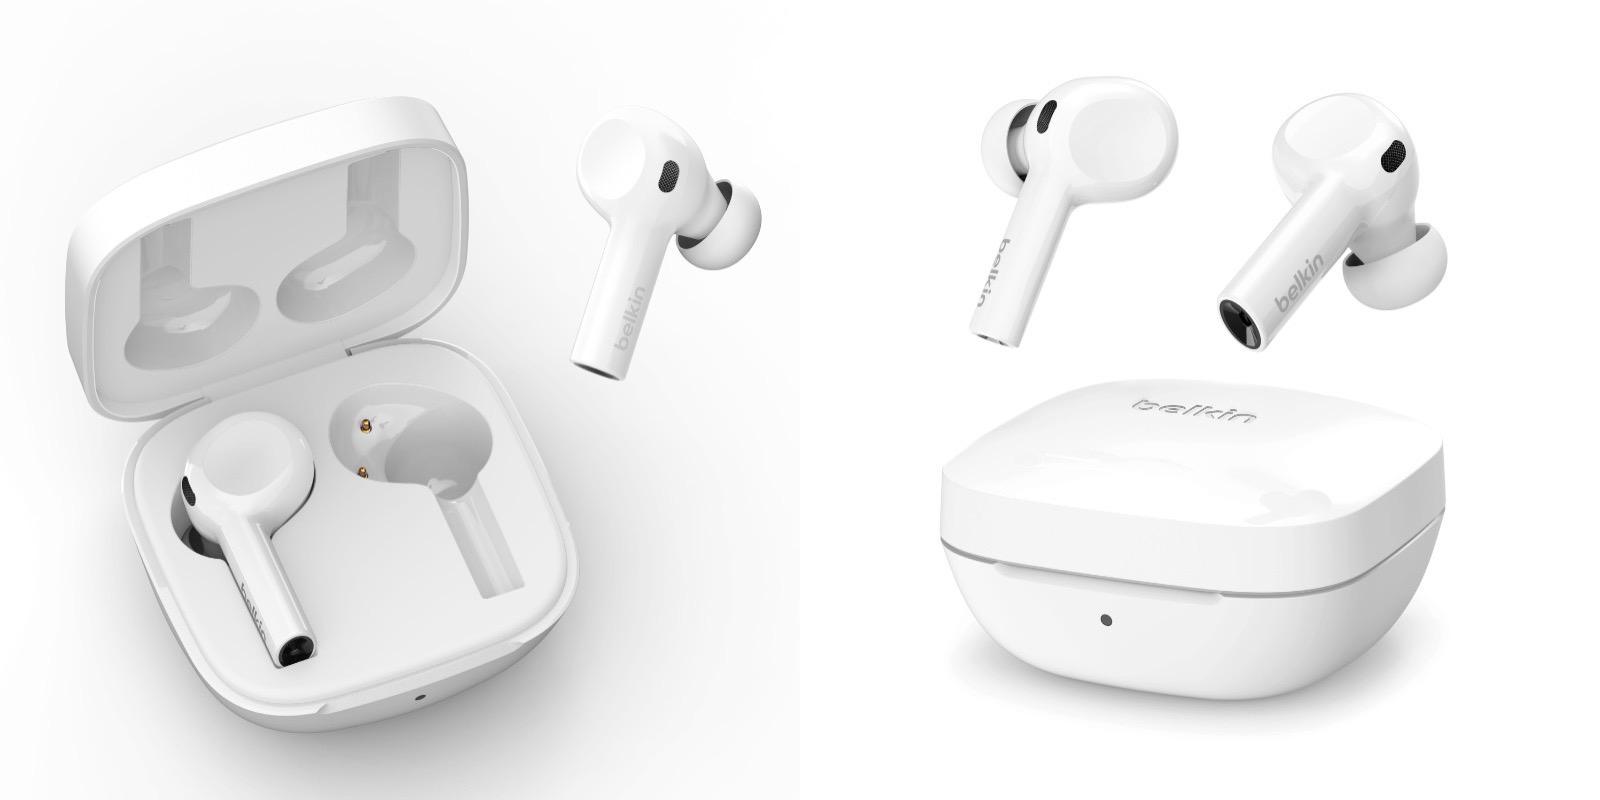 Belkin Soundform freedom earphones